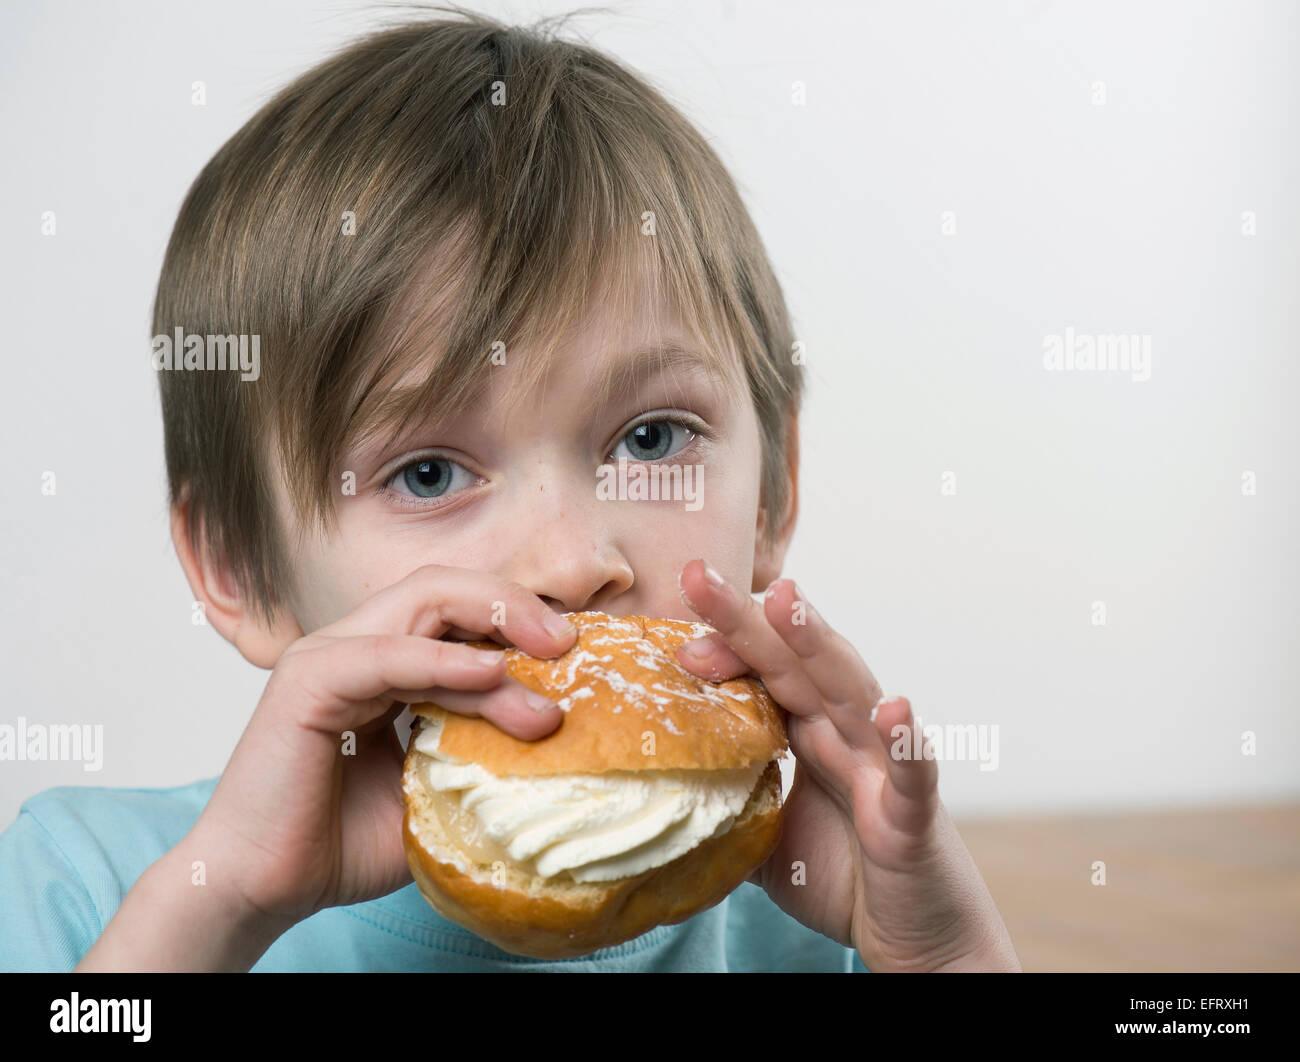 Young boy eating a tasty cream bun - Stock Image